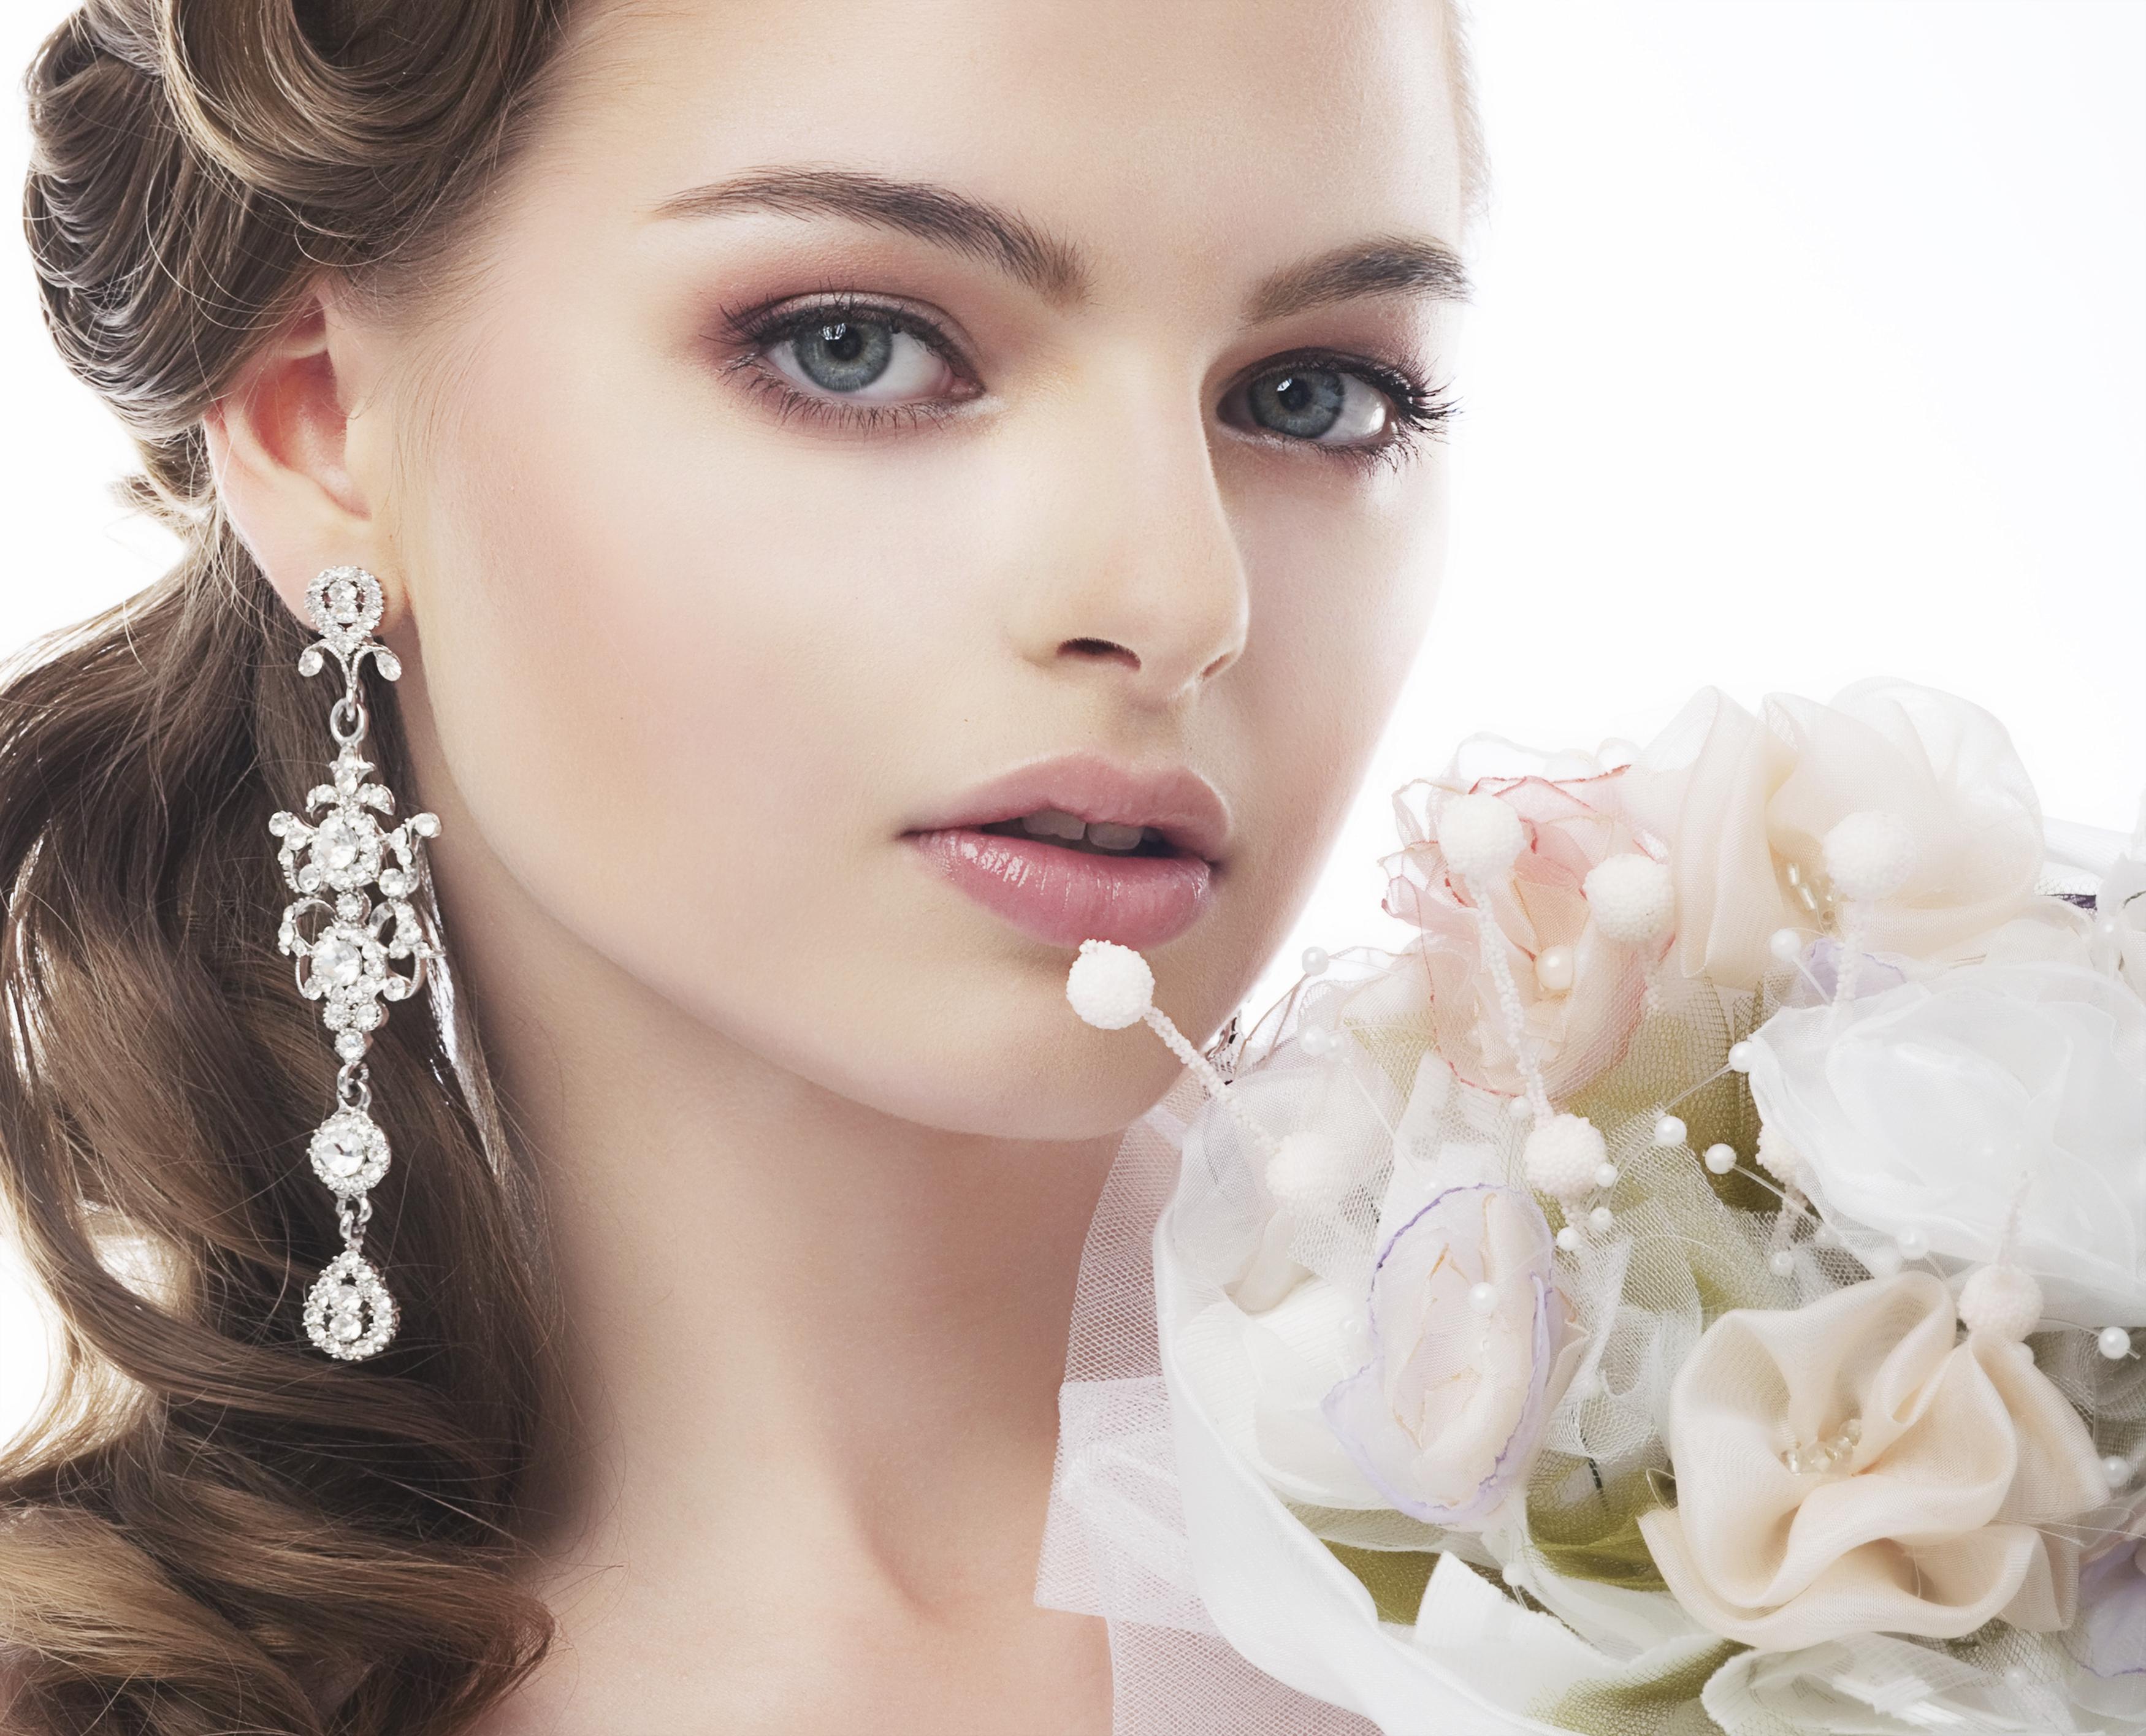 Tư vấn học nghề trang điểm cô dâu bài bản, chuyên nghiệp từ Laveder Studio 2